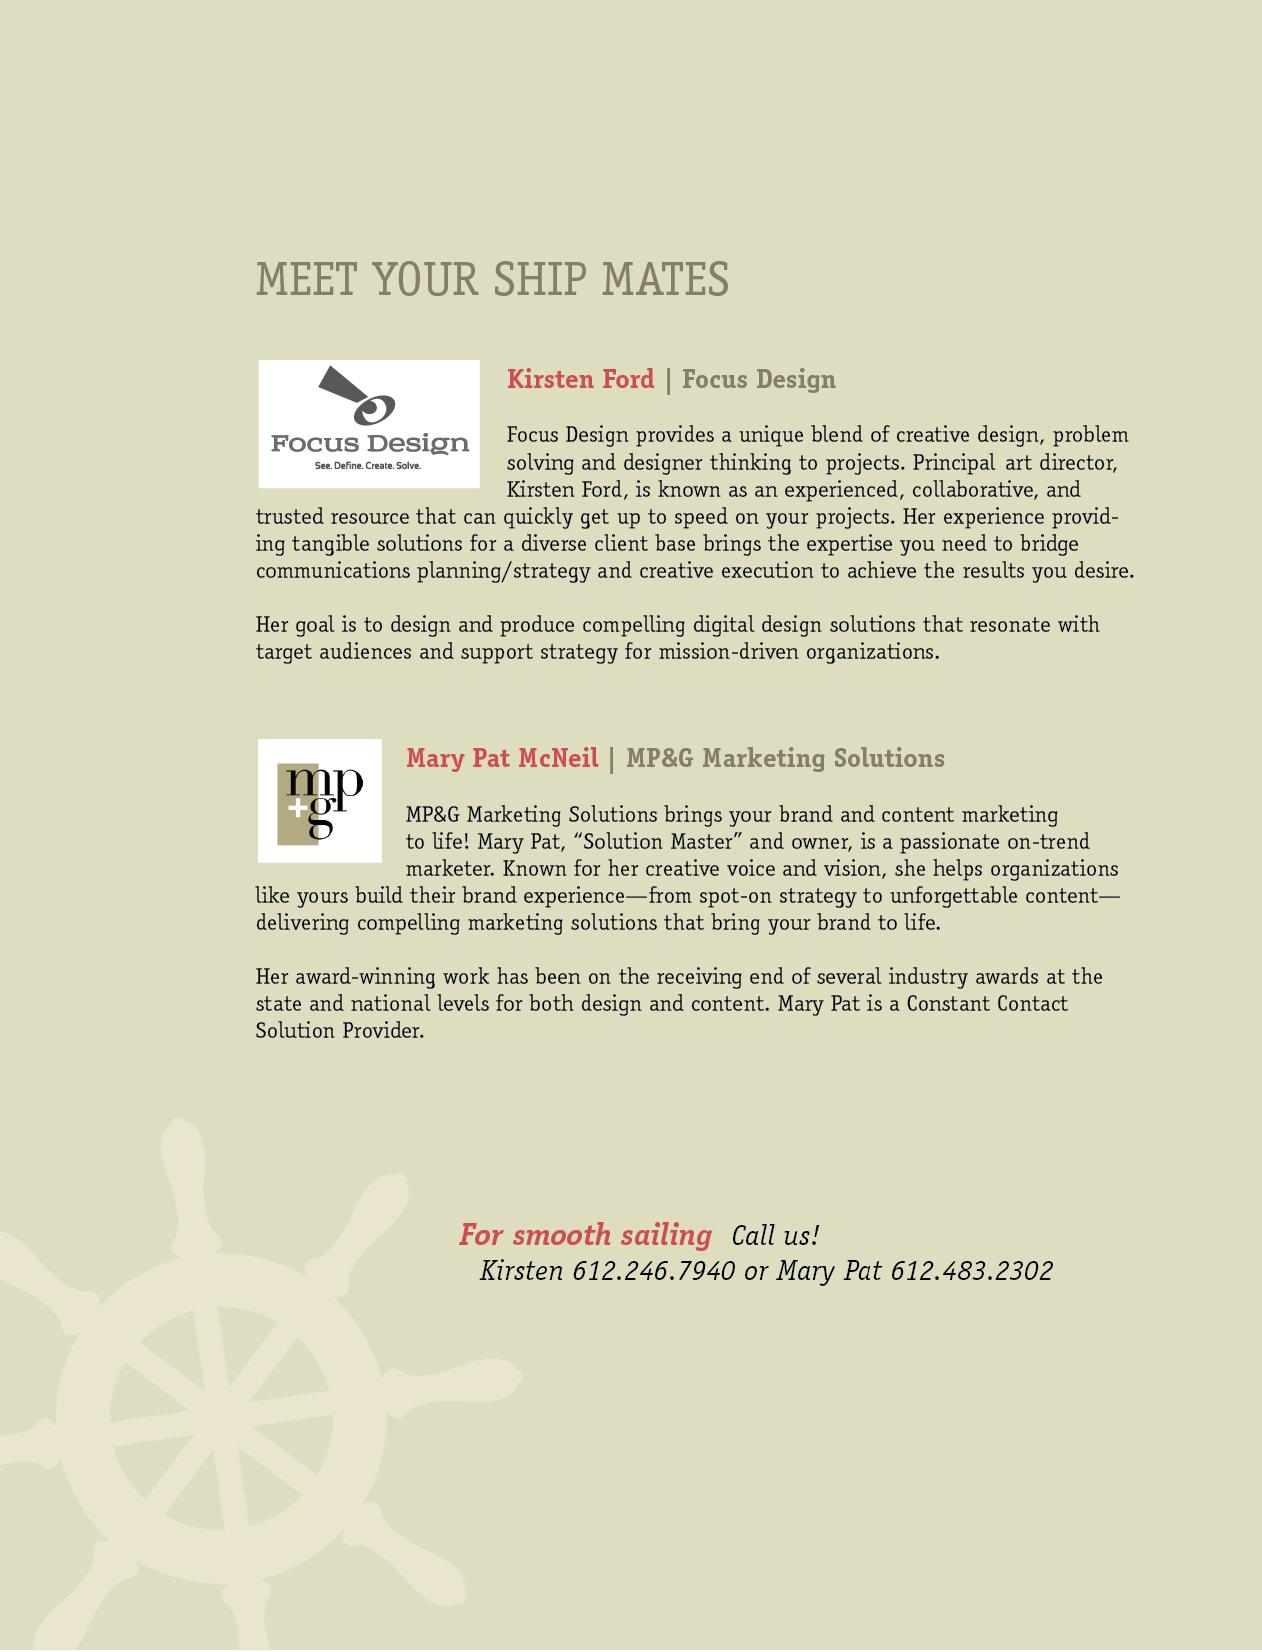 Meet your SHIP mates